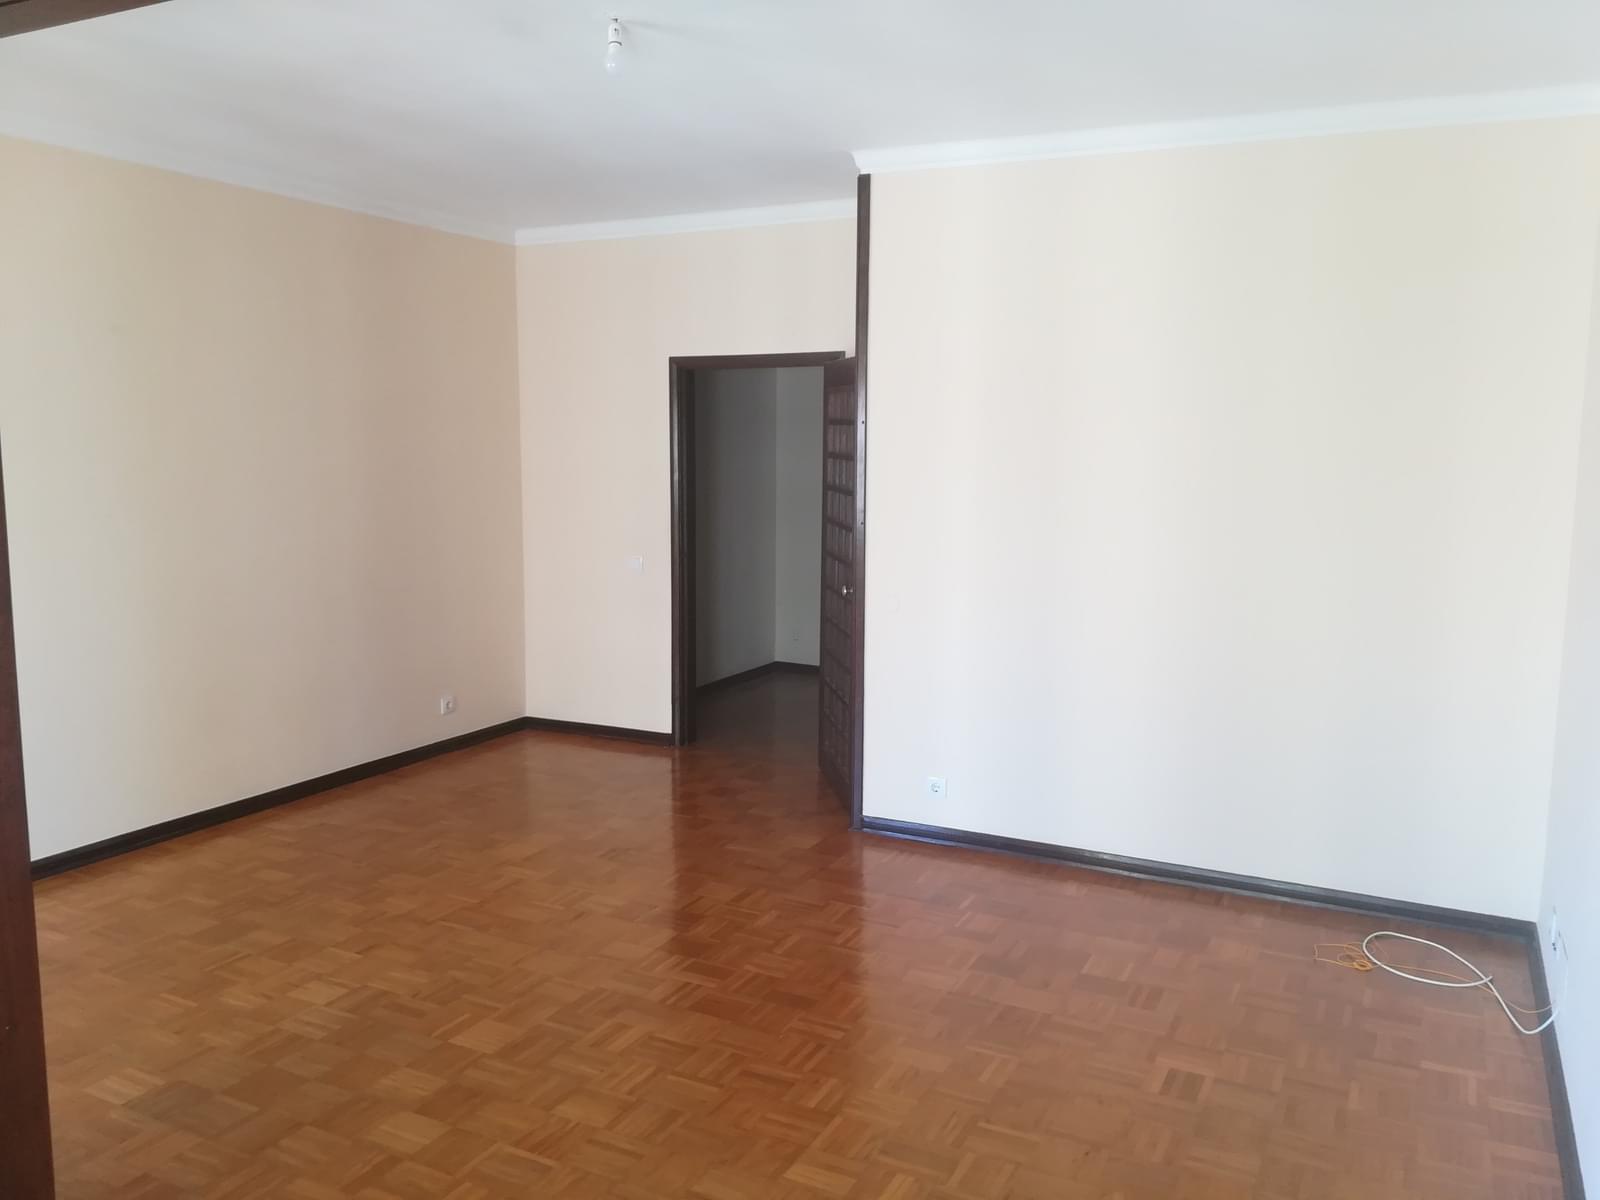 pf17568-apartamento-t3-oeiras-a6fc3d63-bb42-49a4-9fe2-42fbc8cb64b5